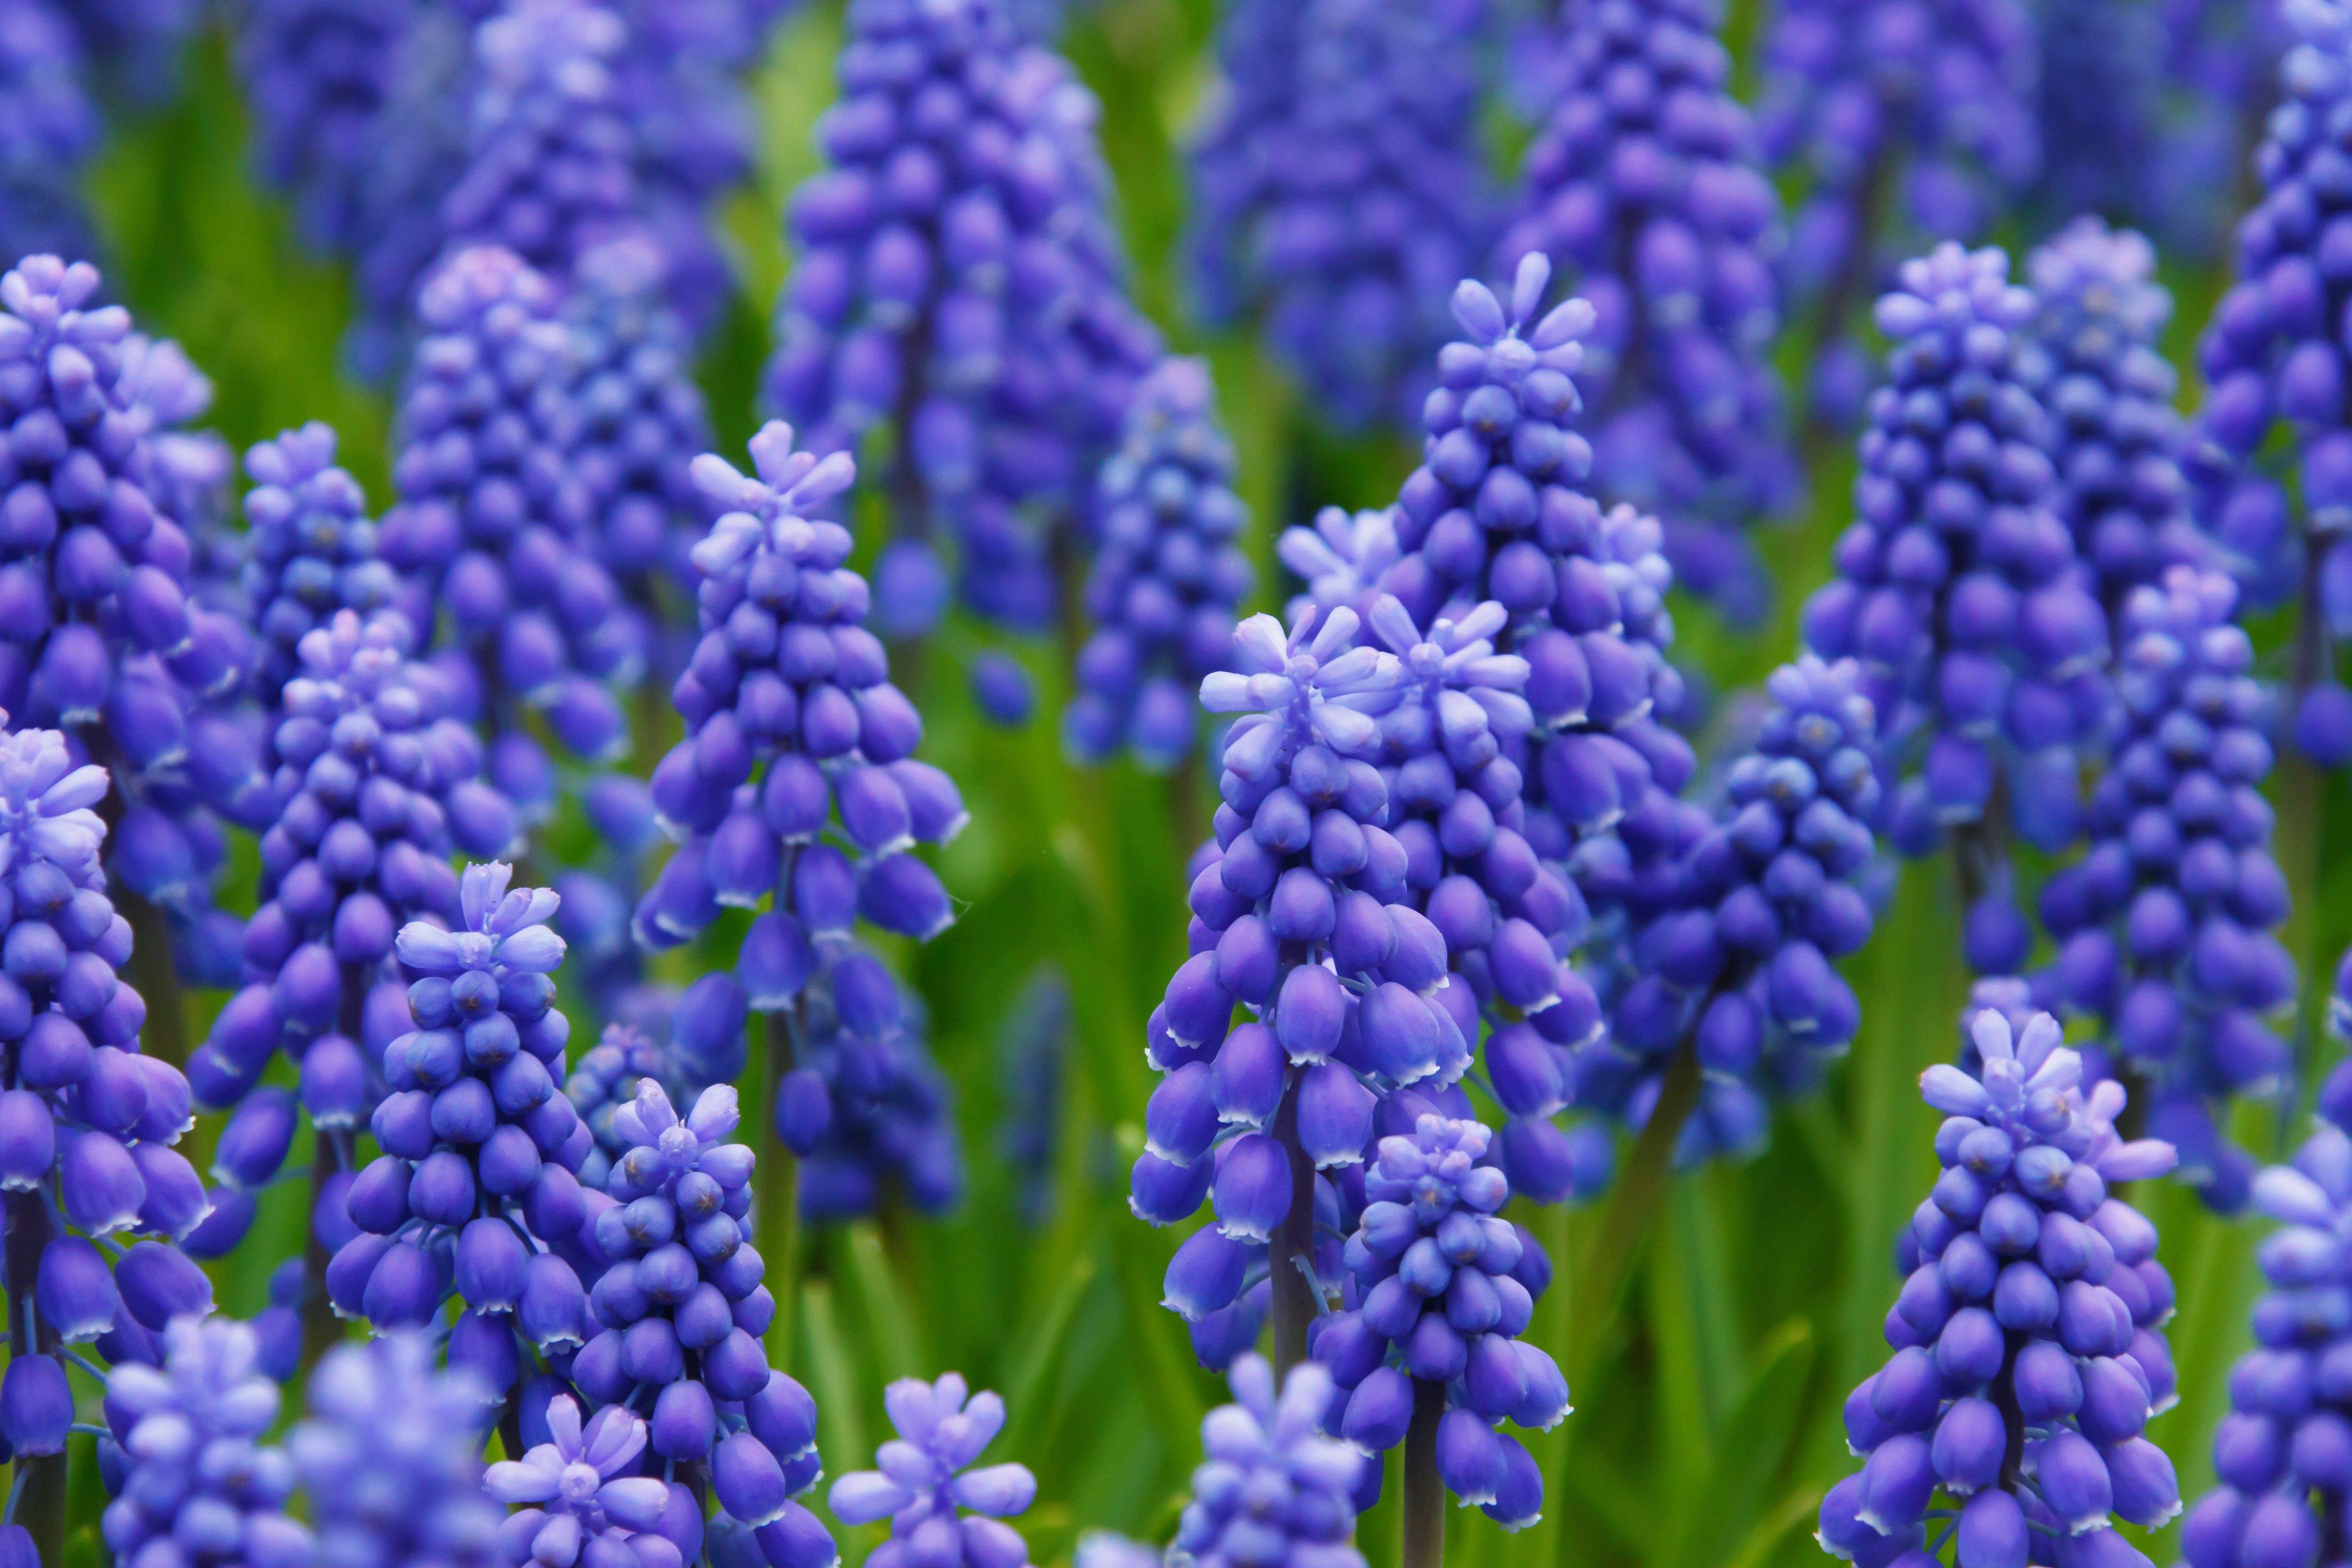 Purple Flower on Green Field